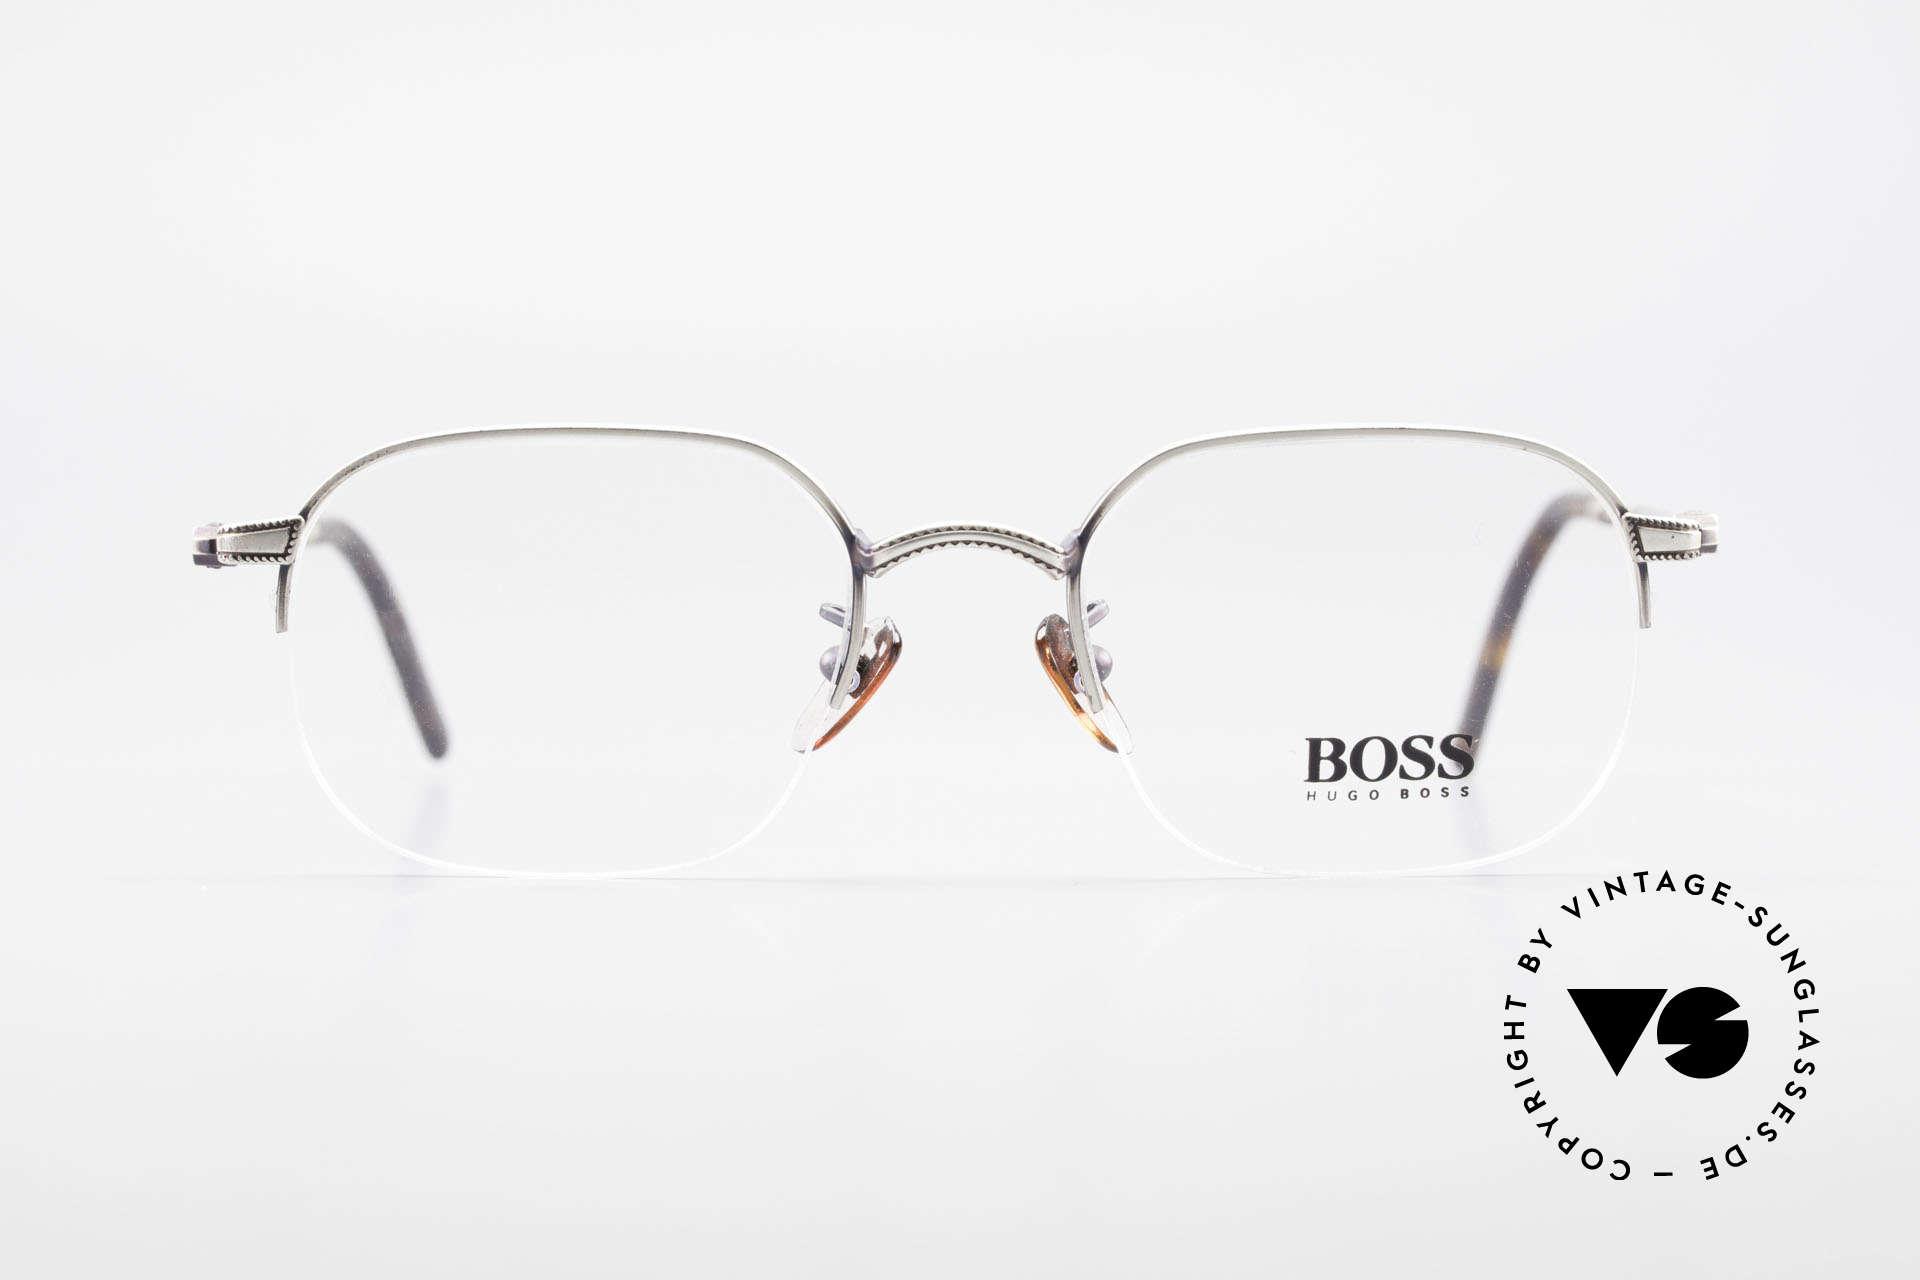 BOSS 4712 Klassische Herrenbrille 90er, großartiges ORIGINAL in absoluter Spitzen-Qualität, Passend für Herren